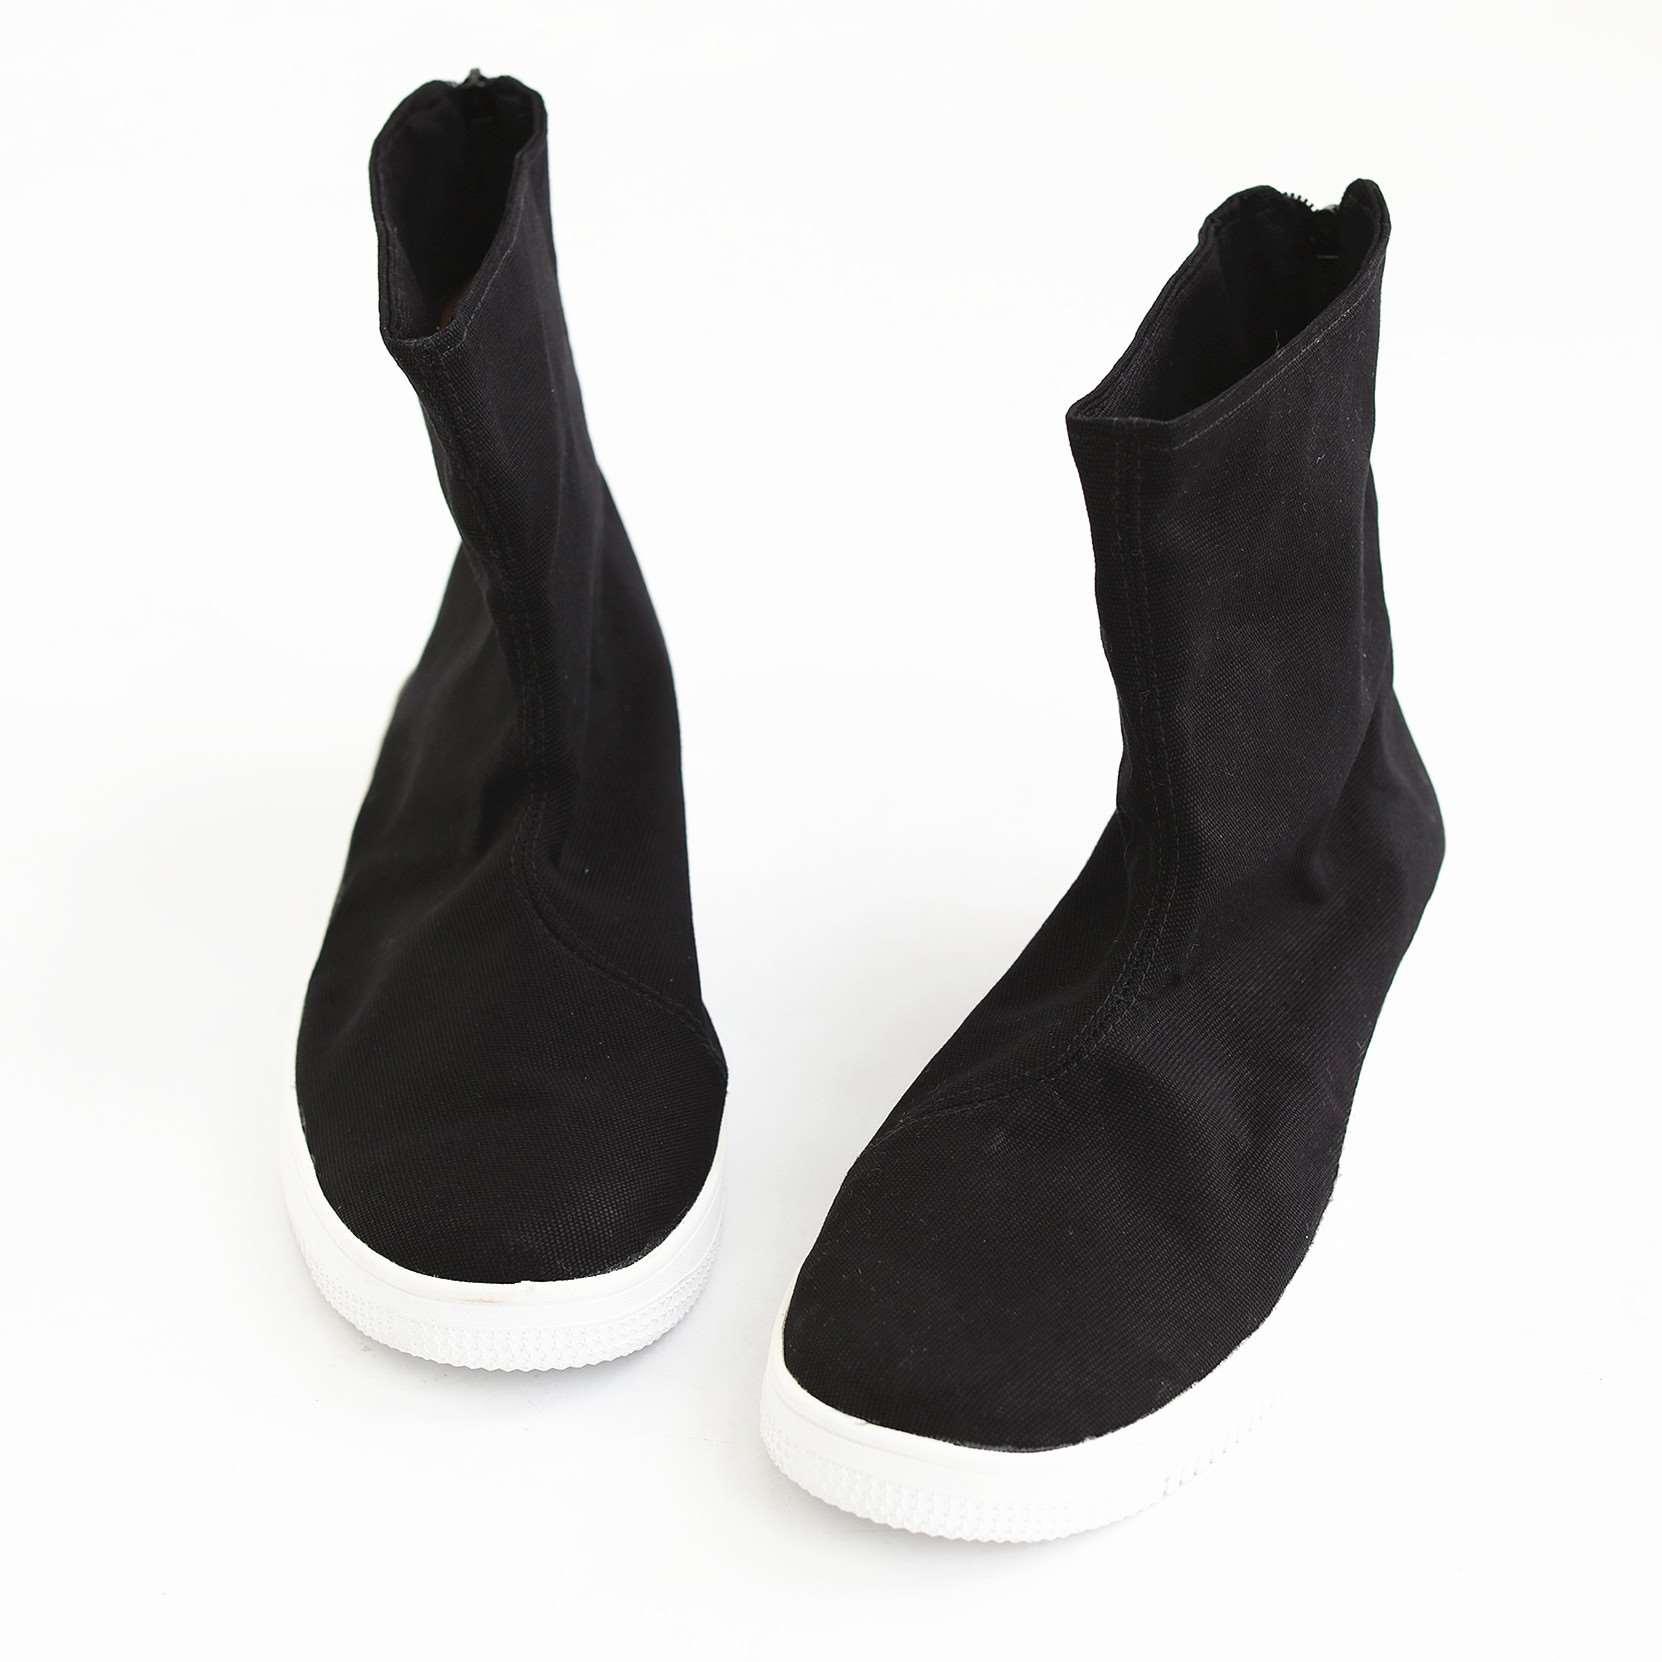 春秋新款中国风男鞋短筒靴子平底布靴复古官靴潮靴单靴拉链男靴子